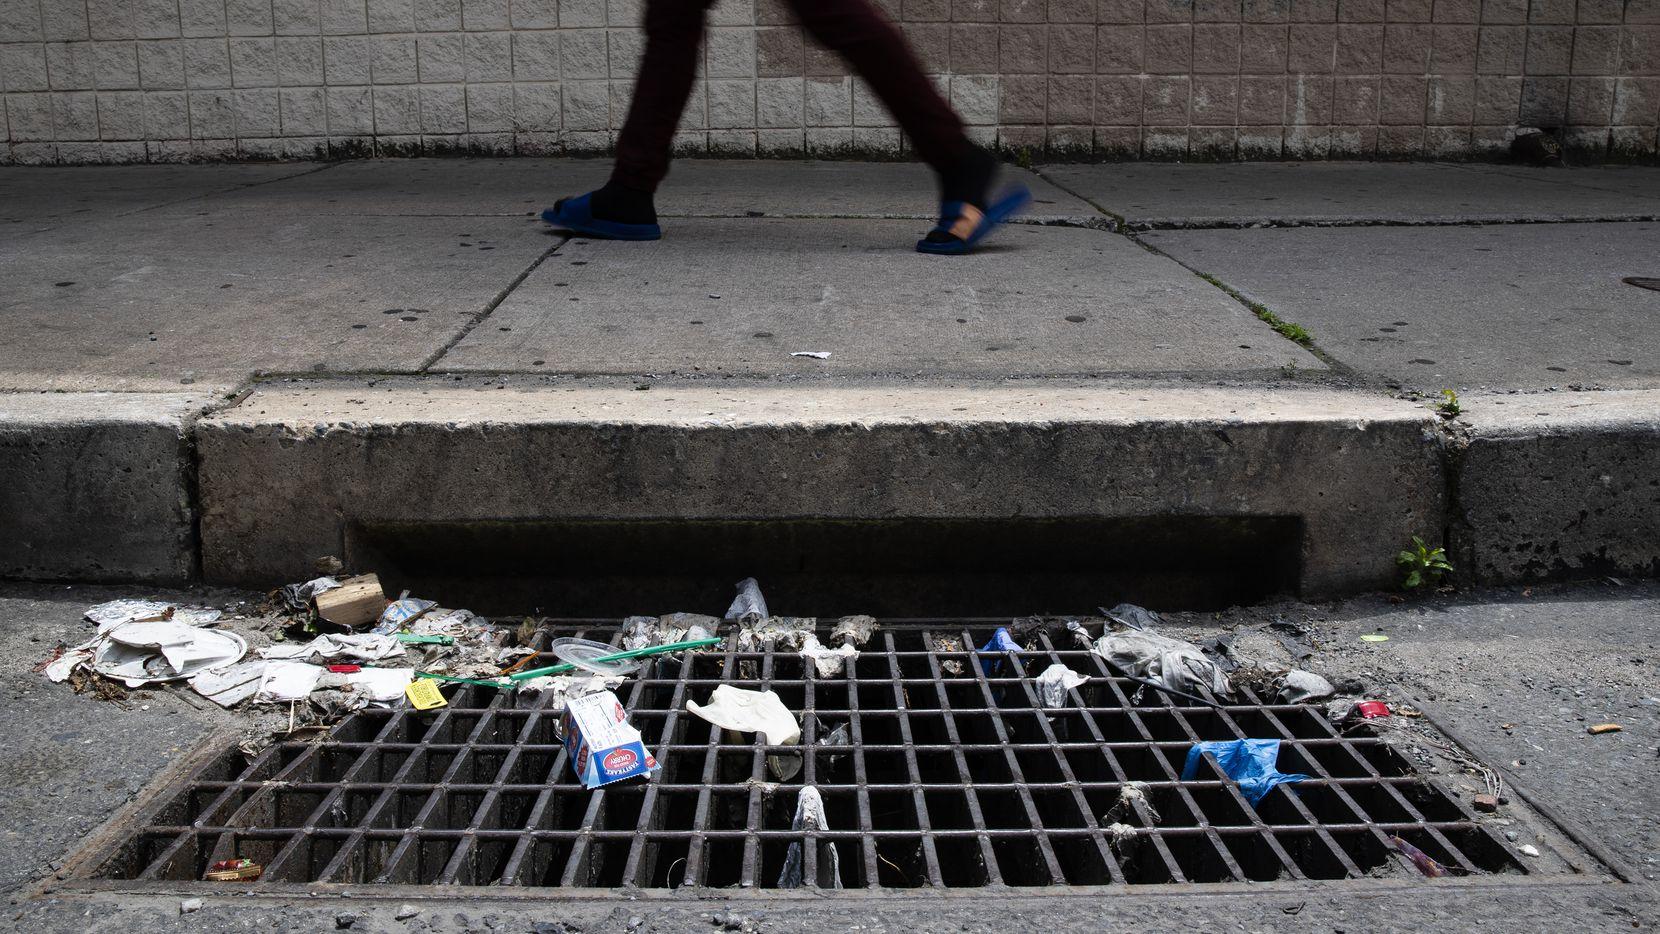 En esta foto del 25 de mayo de 2020, un transeúnte pasa junto a un desagüe con guantes y otros desechos en Filadelfia. Los desechos de la pandemia agravan un problema conocido al taponar alcantarillas y cañerías.